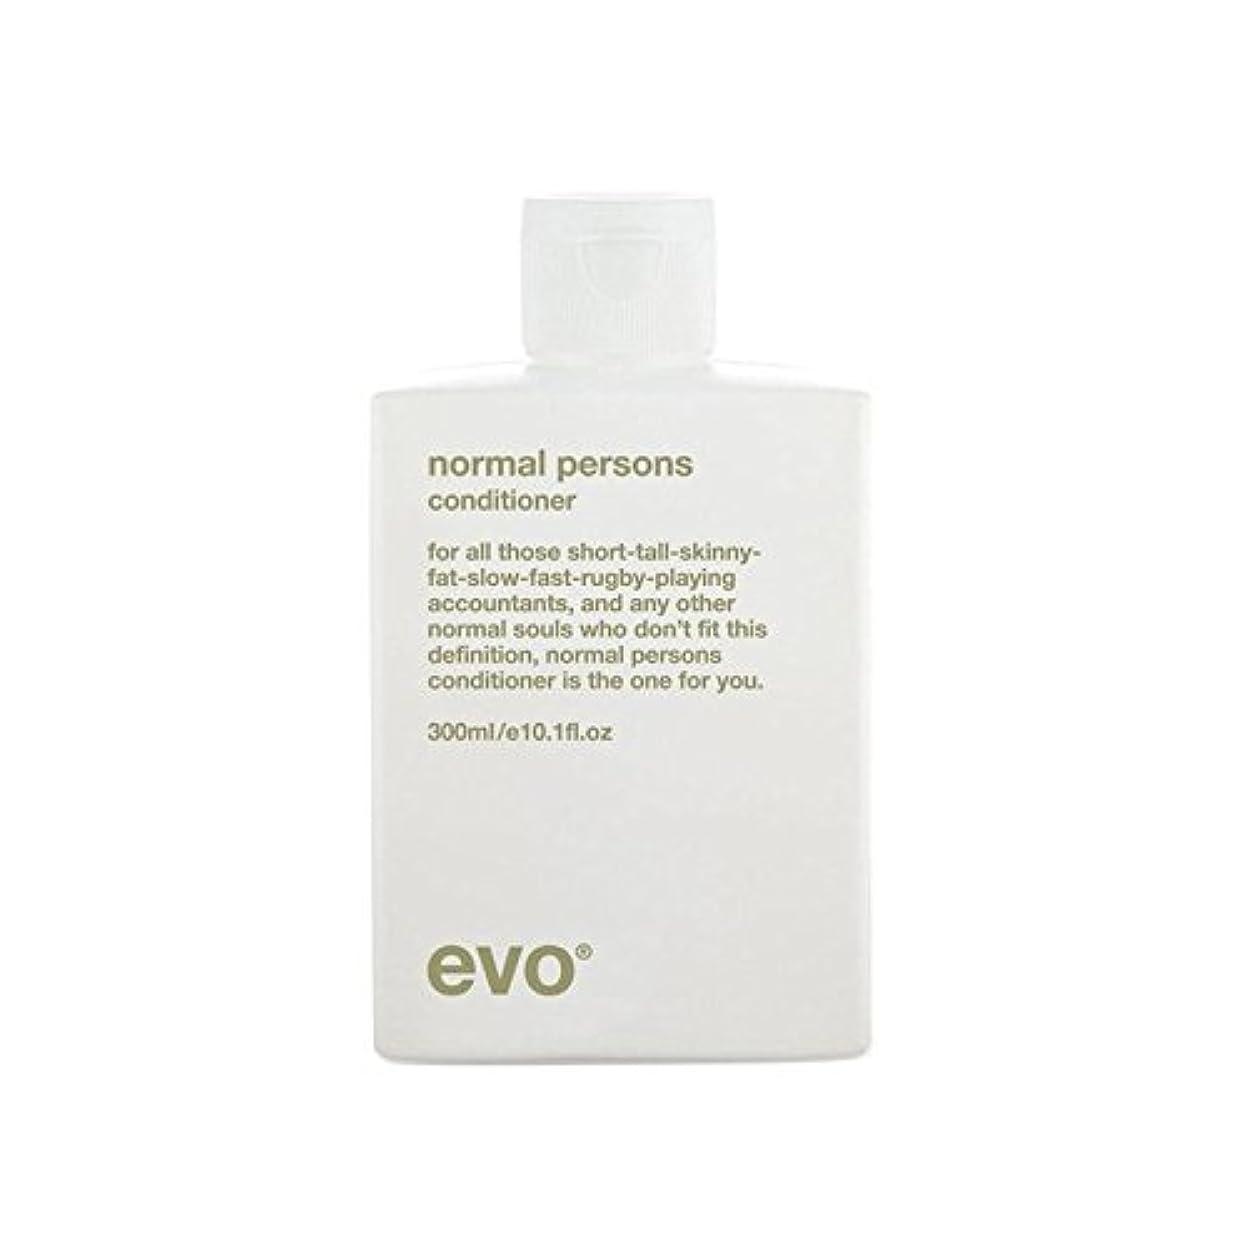 こどもの宮殿熟考する法律エボ正常人コンディショナー(300ミリリットル) x4 - Evo Normal Persons Conditioner (300ml) (Pack of 4) [並行輸入品]